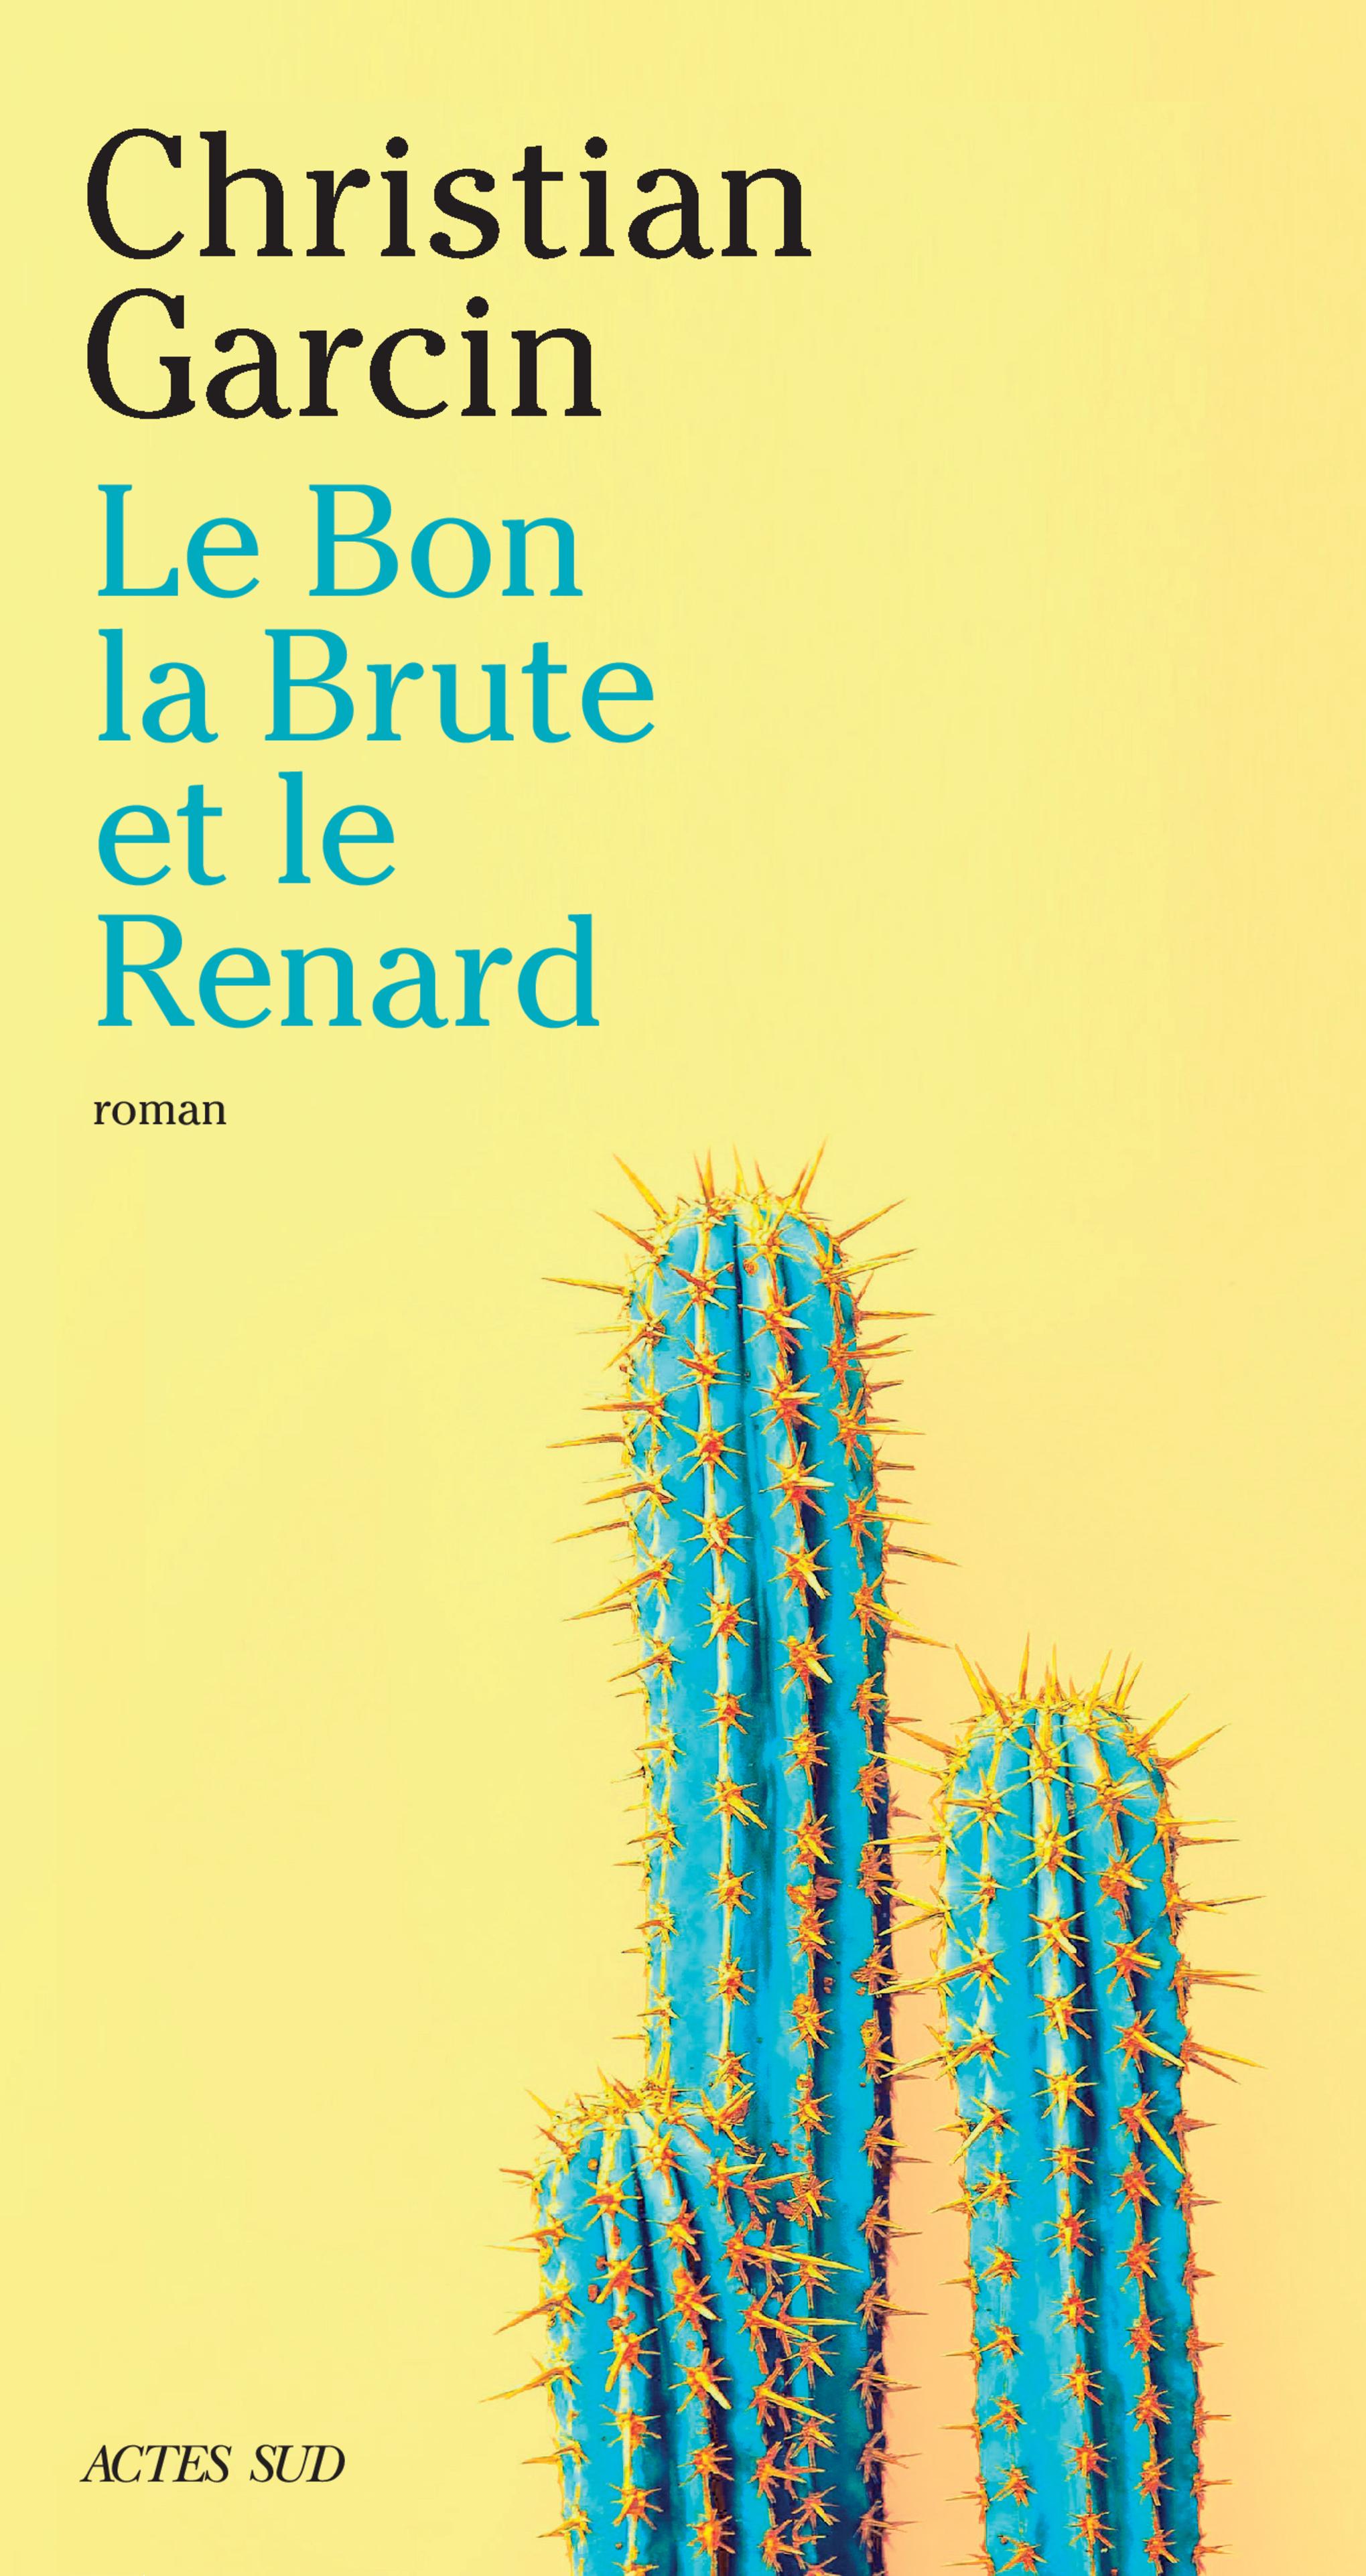 Le Bon, la Brute et le Renard